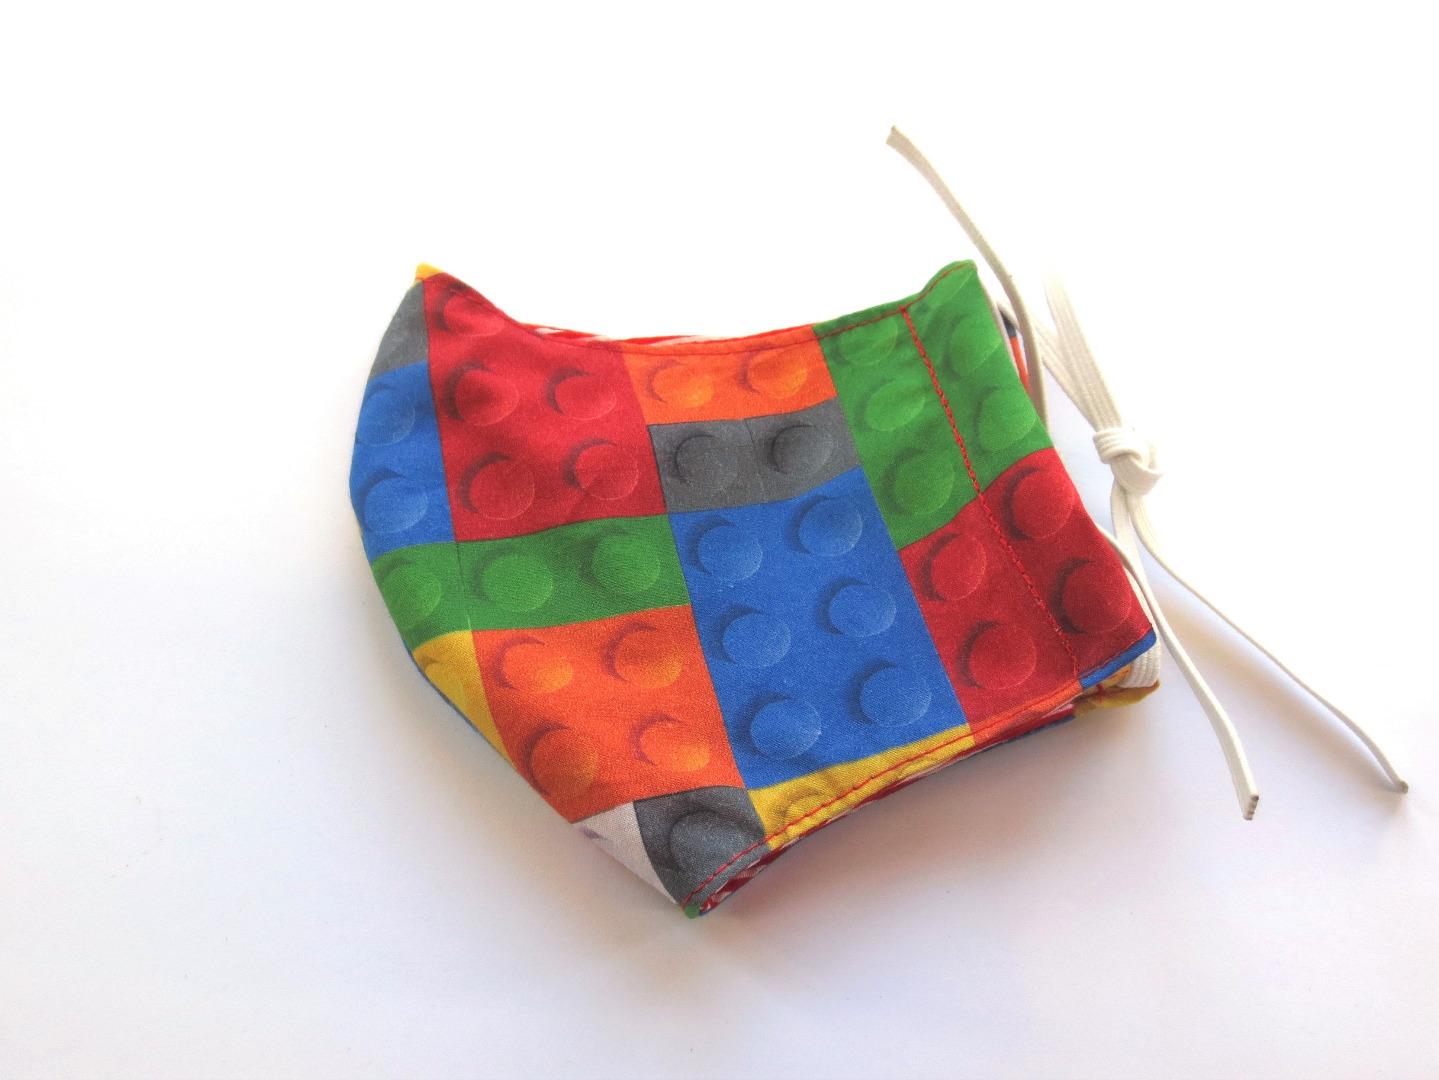 Behelfs-Maske Bausteine -100 Baumwolle mit Gummis